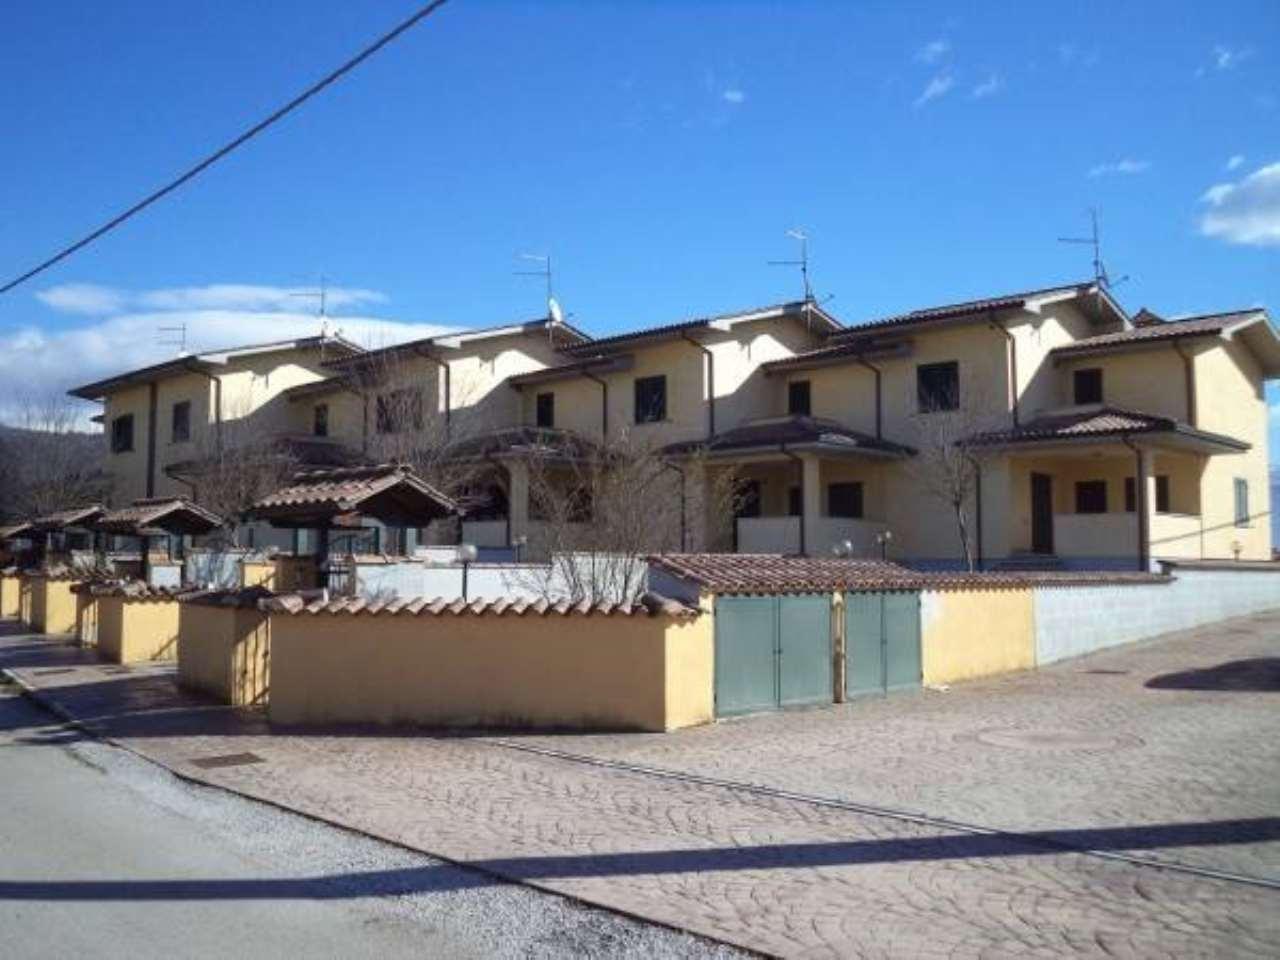 Villa a Schiera in vendita a Colfelice, 6 locali, prezzo € 179.000 | CambioCasa.it